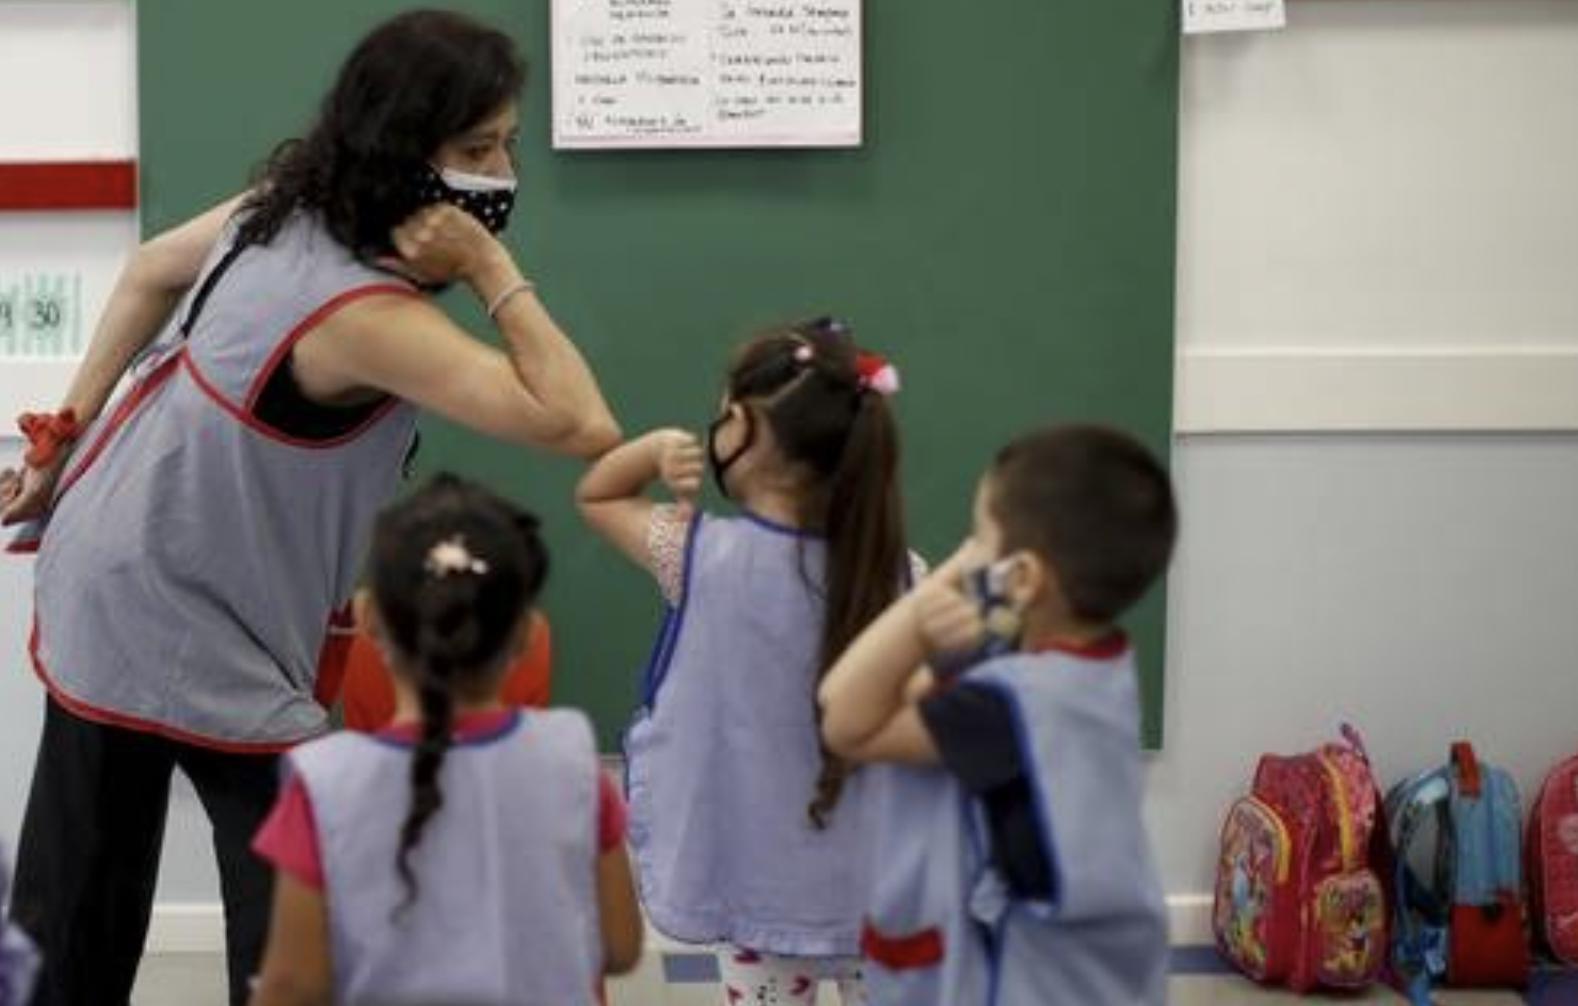 Una maestra, en Buenos Aires, enseña a sus alumnos de cinco años a saludar con un codazo durante el regreso a las aulas en medio de la pandemia. Foto Ap / archivo